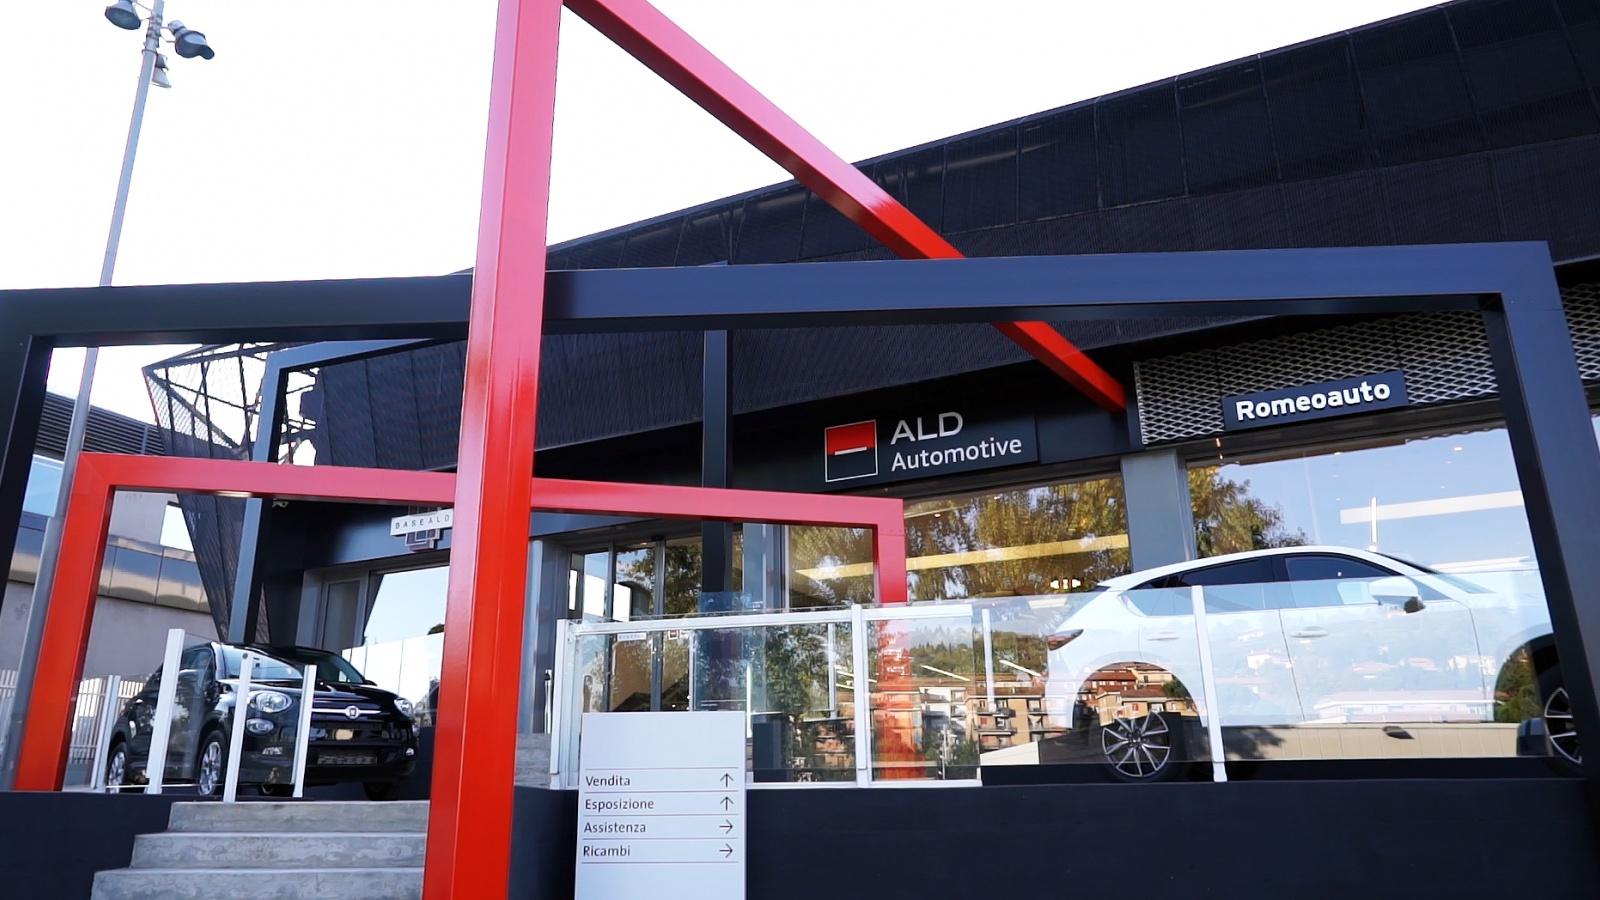 Romeoauto District di Ald Automotive